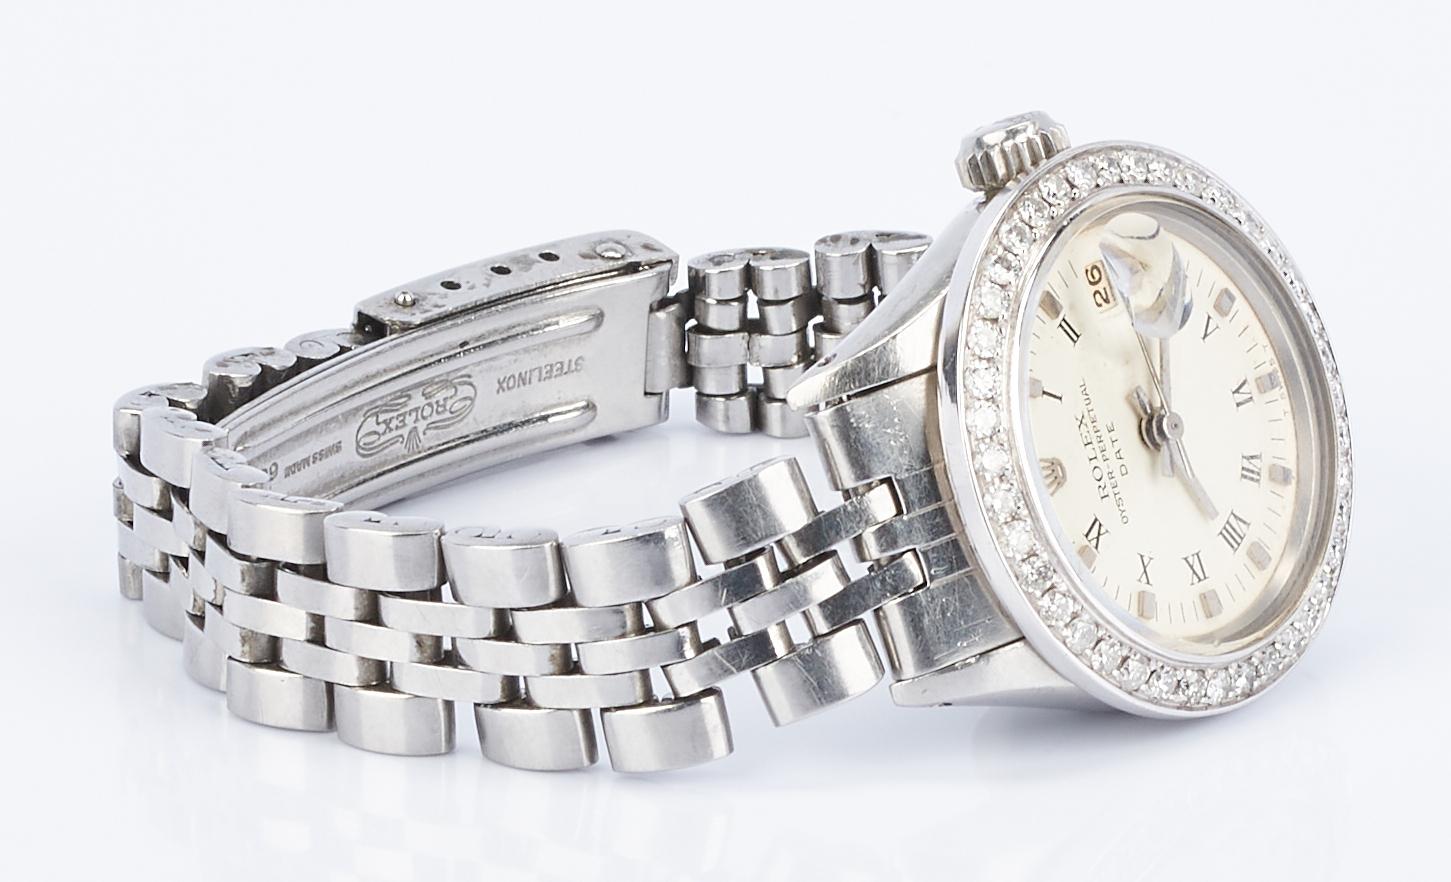 Lot 233: Ladies Rolex Datejust w/ Diamond Bezel